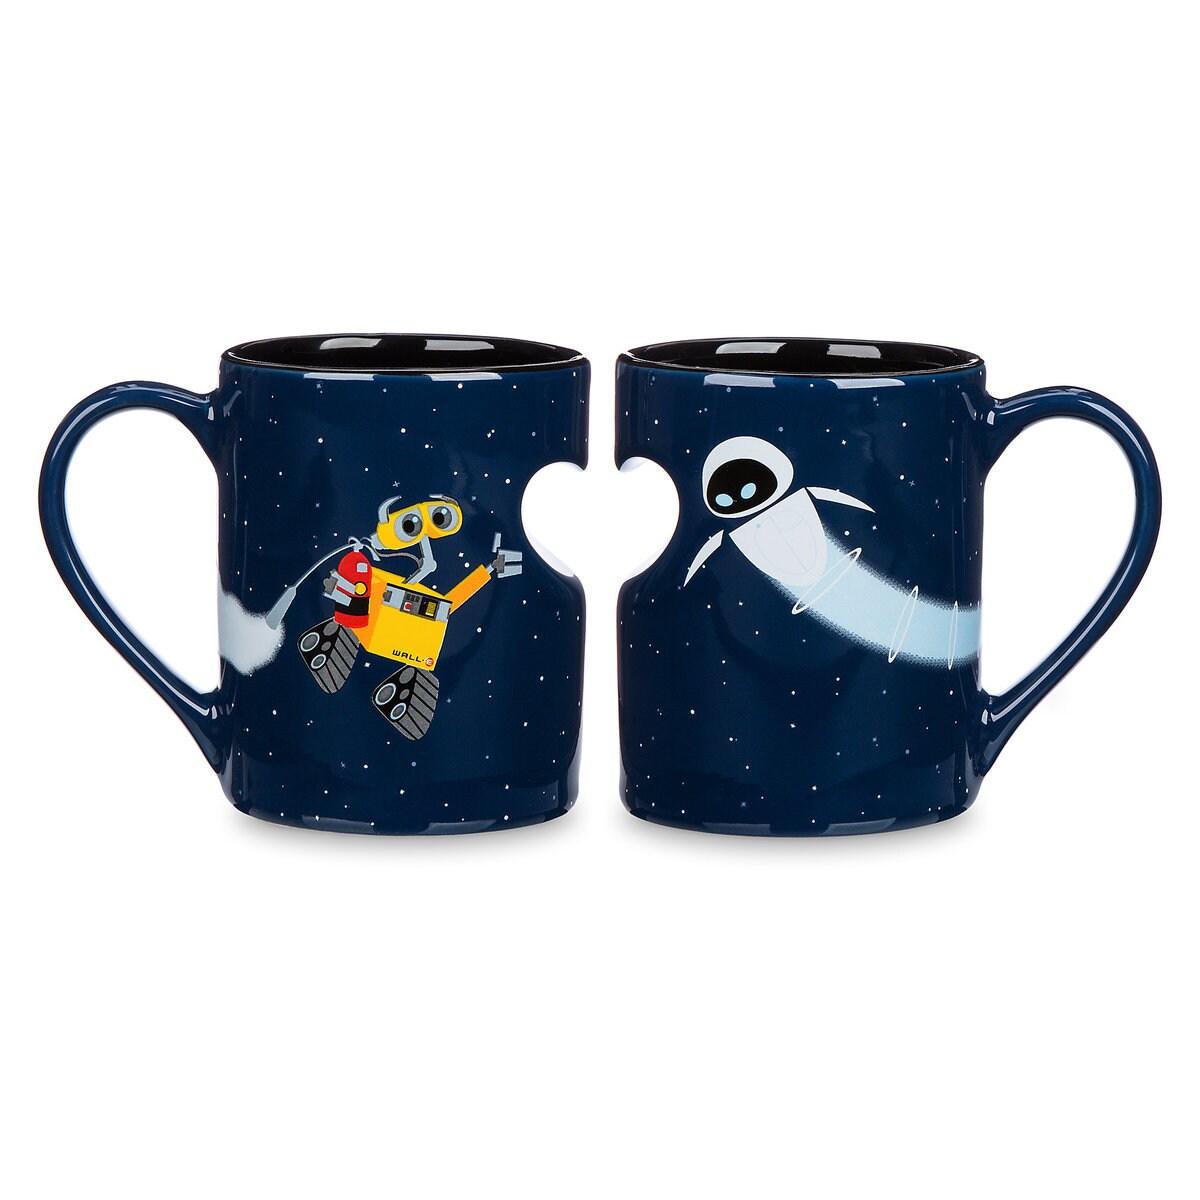 WALLE and EVE Mug Set  shopDisney